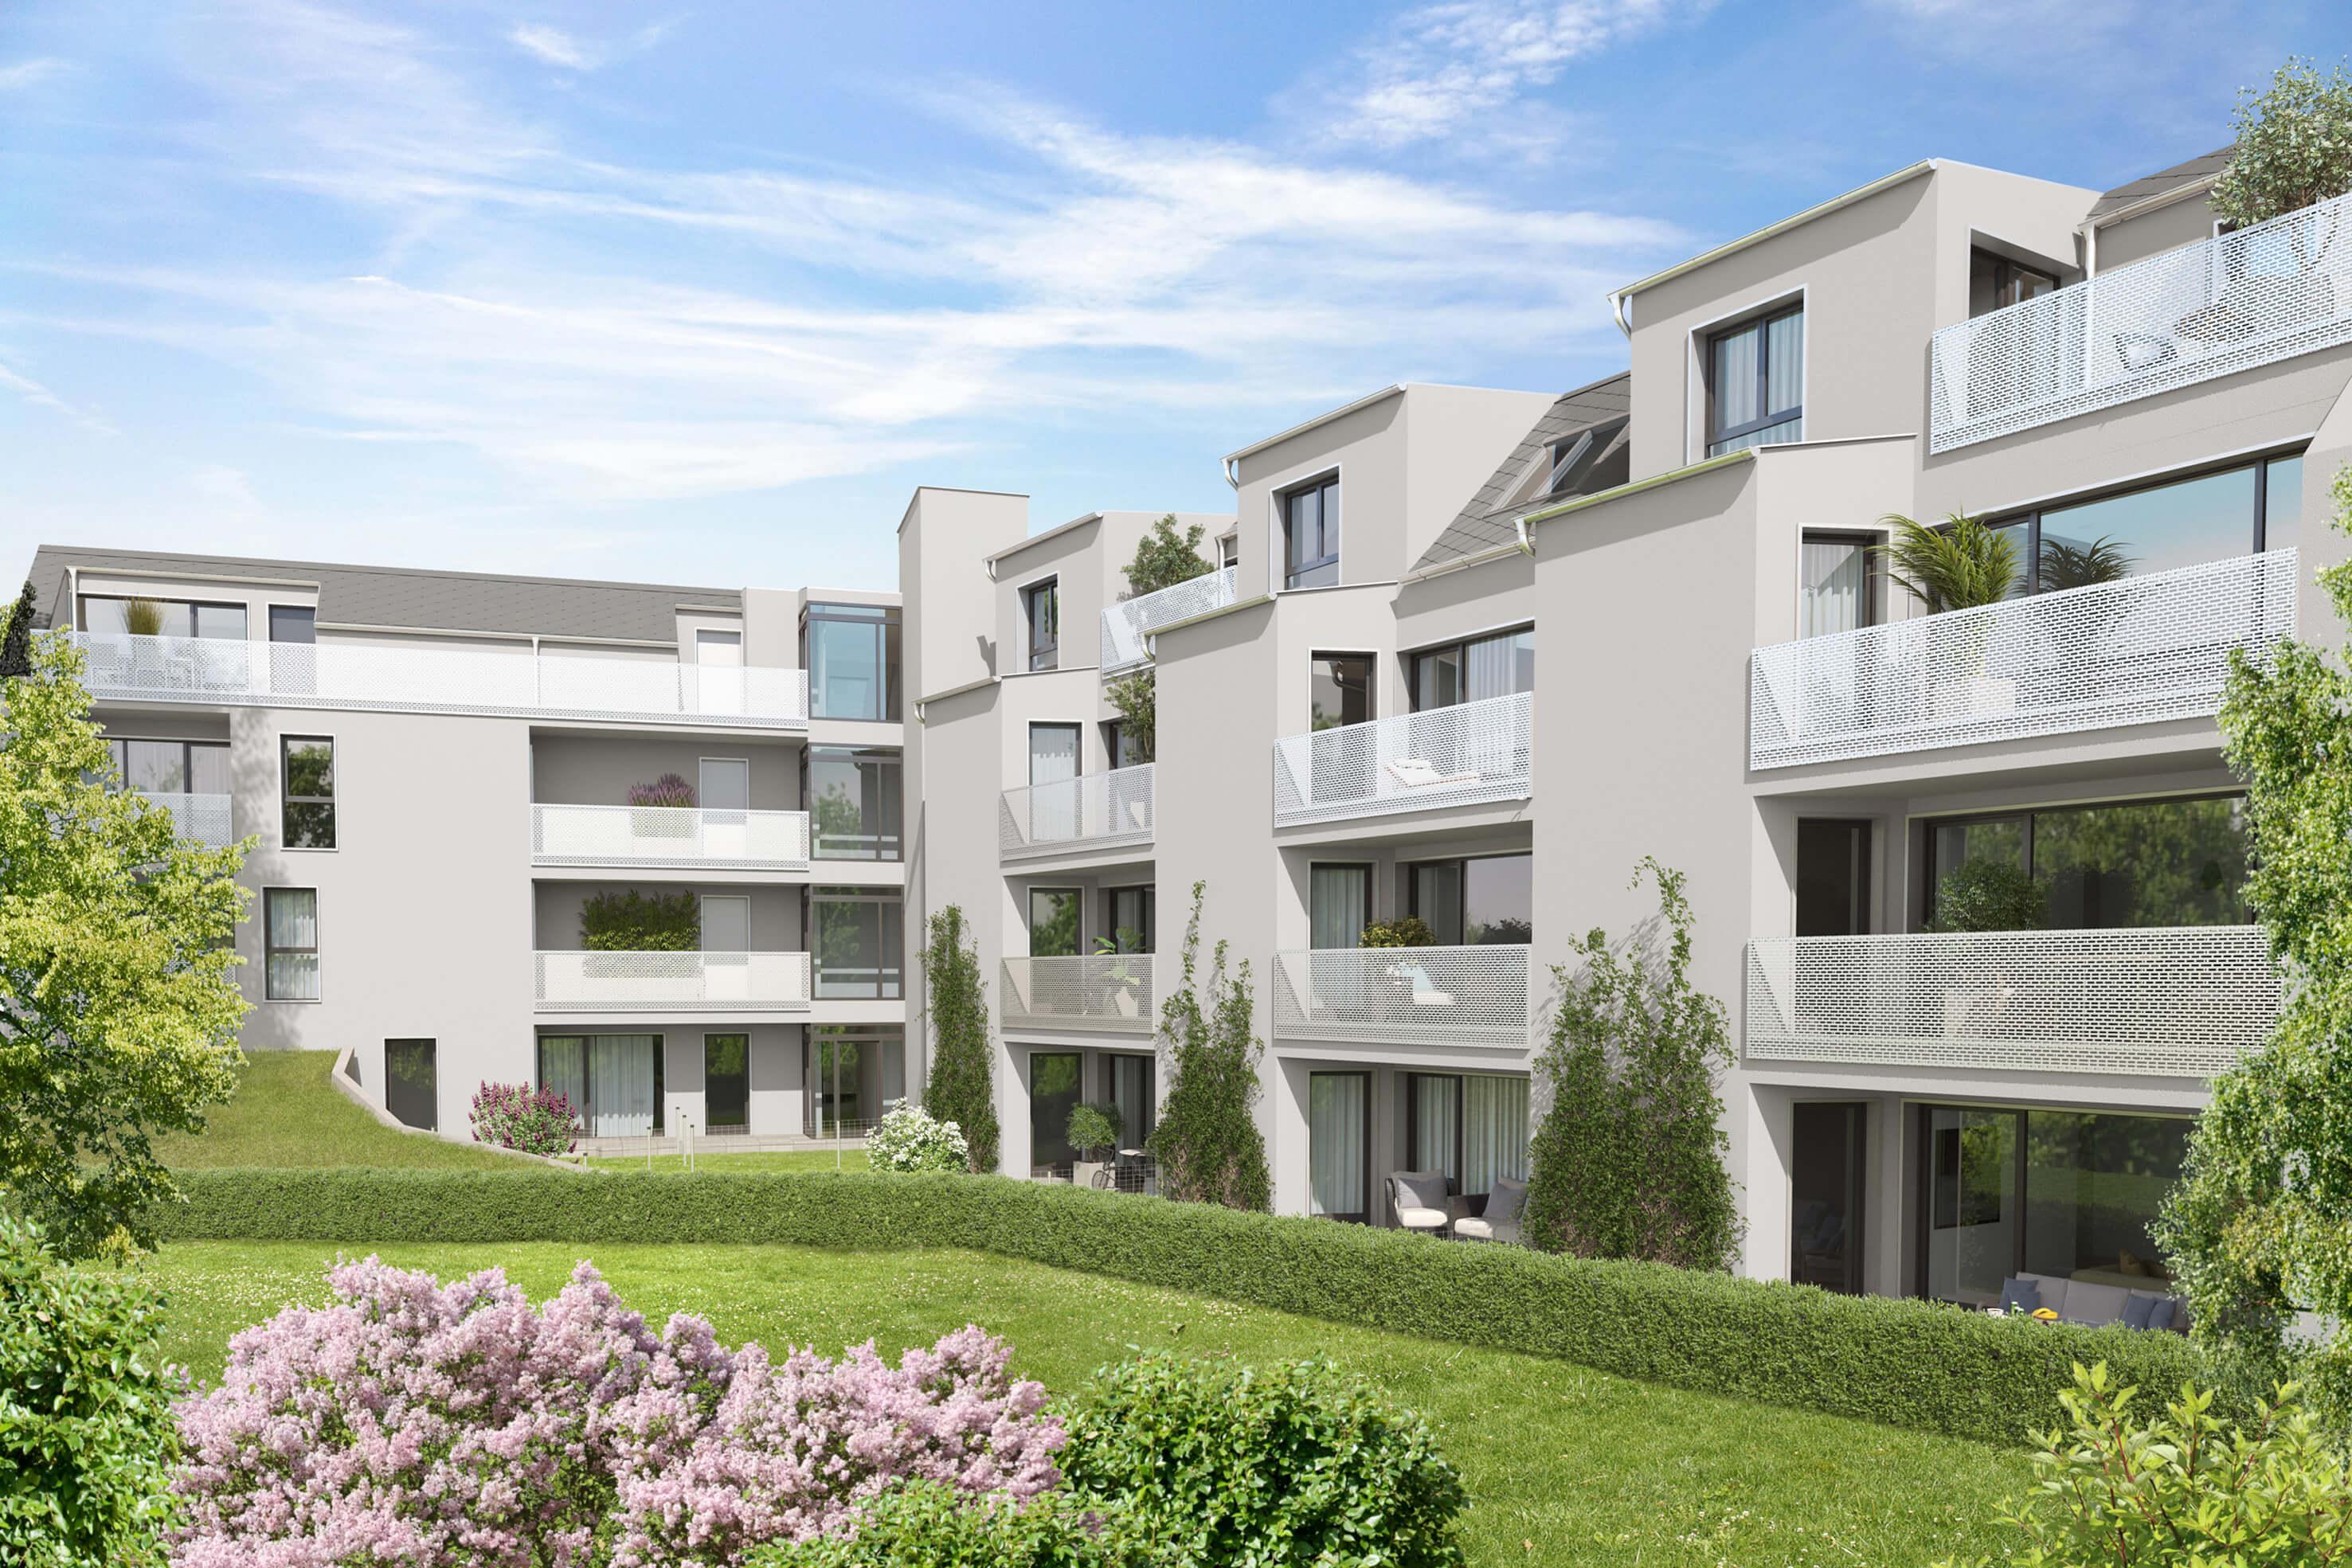 Neubauherrenmodell - 1220 Wien, Aspernstraße 120 - Gartenansicht